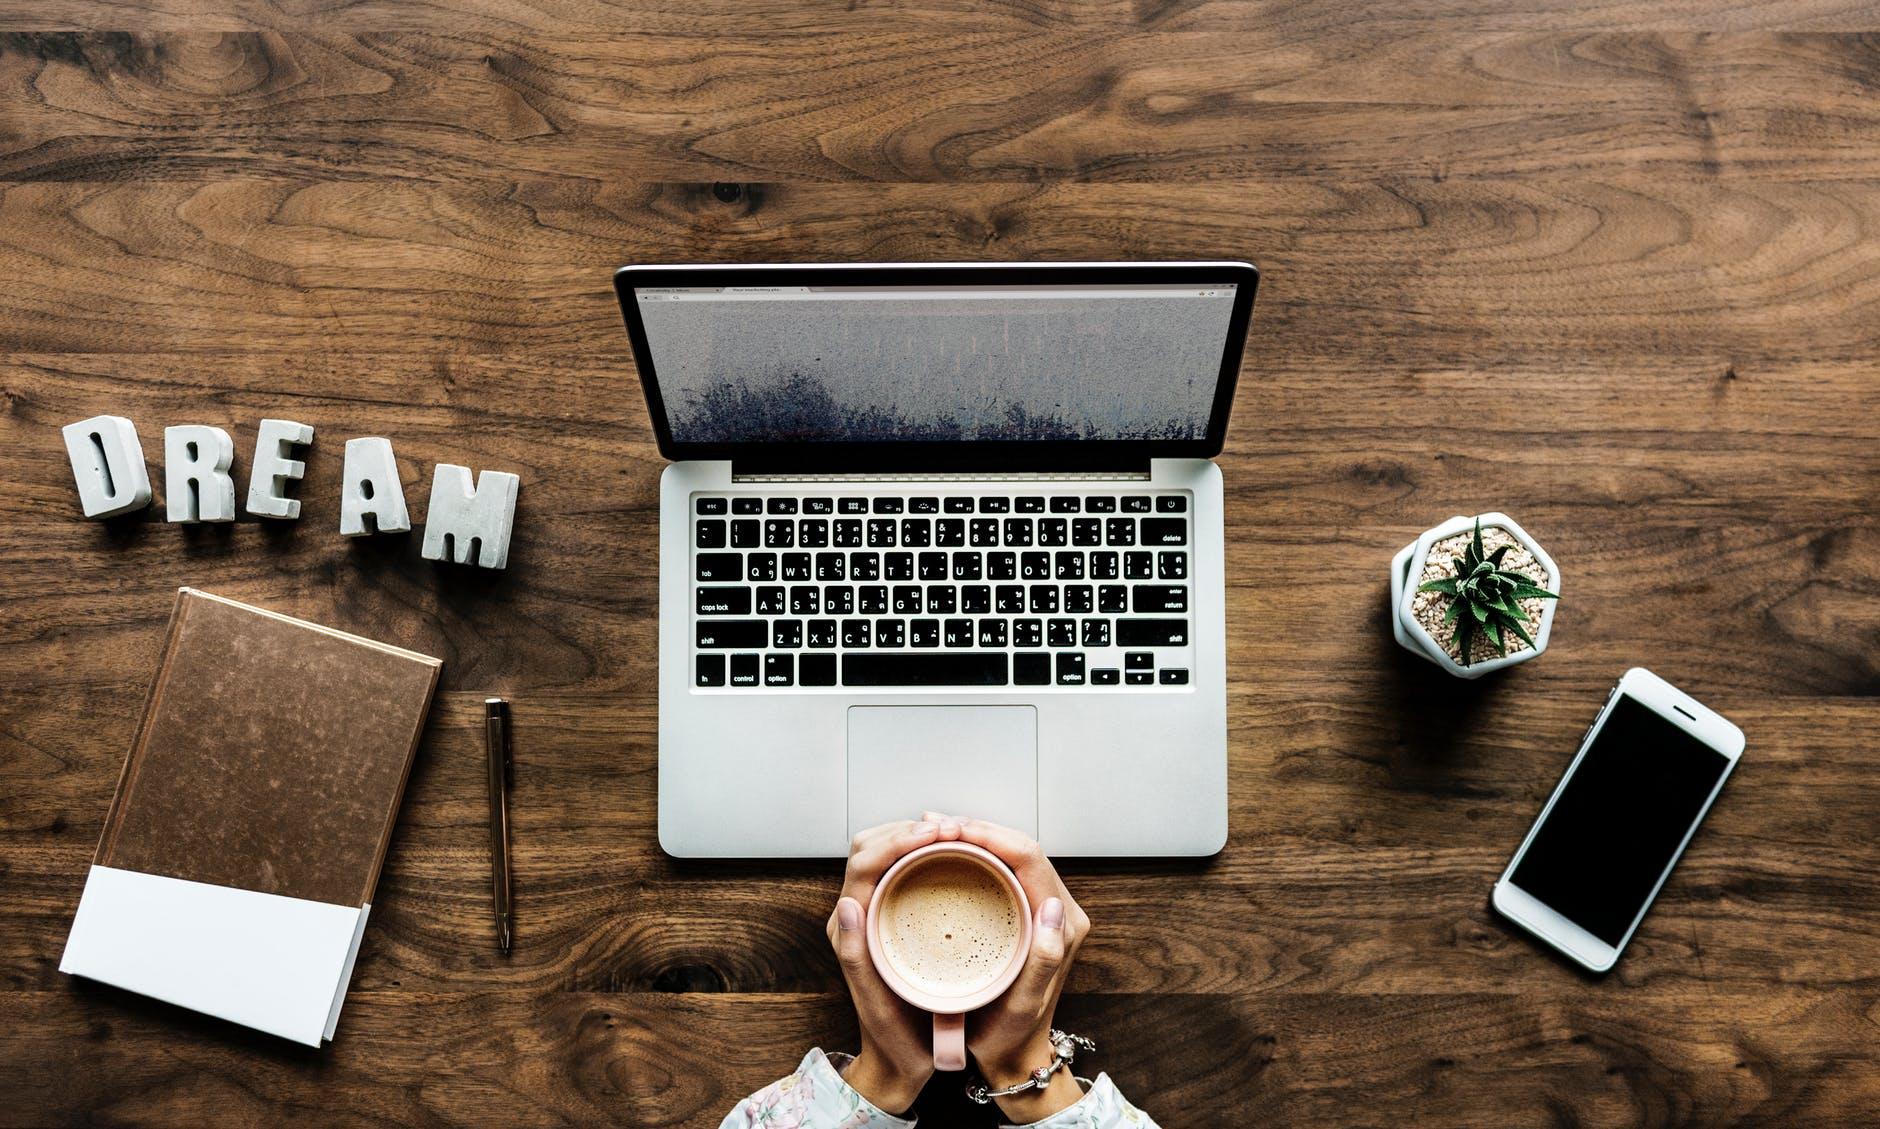 conseils pour lancer un blog. Comment créer un blog ? comment le monétiser ? comment se faire connaitre ?